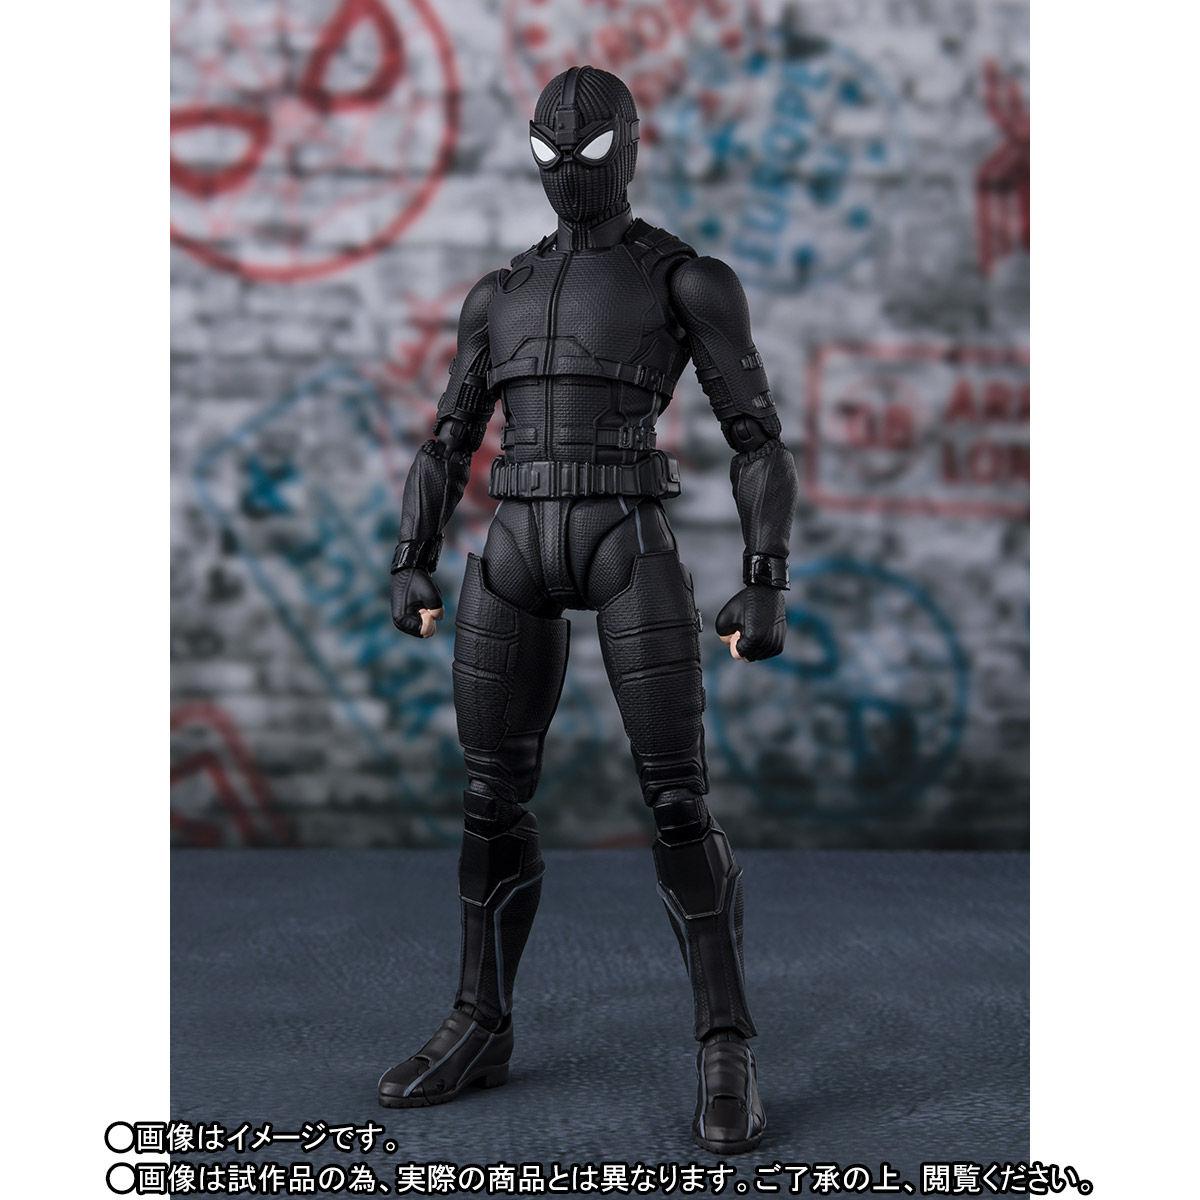 S.H.Figuarts『スパイダーマン ステルス・スーツ』スパイダーマン:ファー・フロム・ホーム アクションフィギュア-005